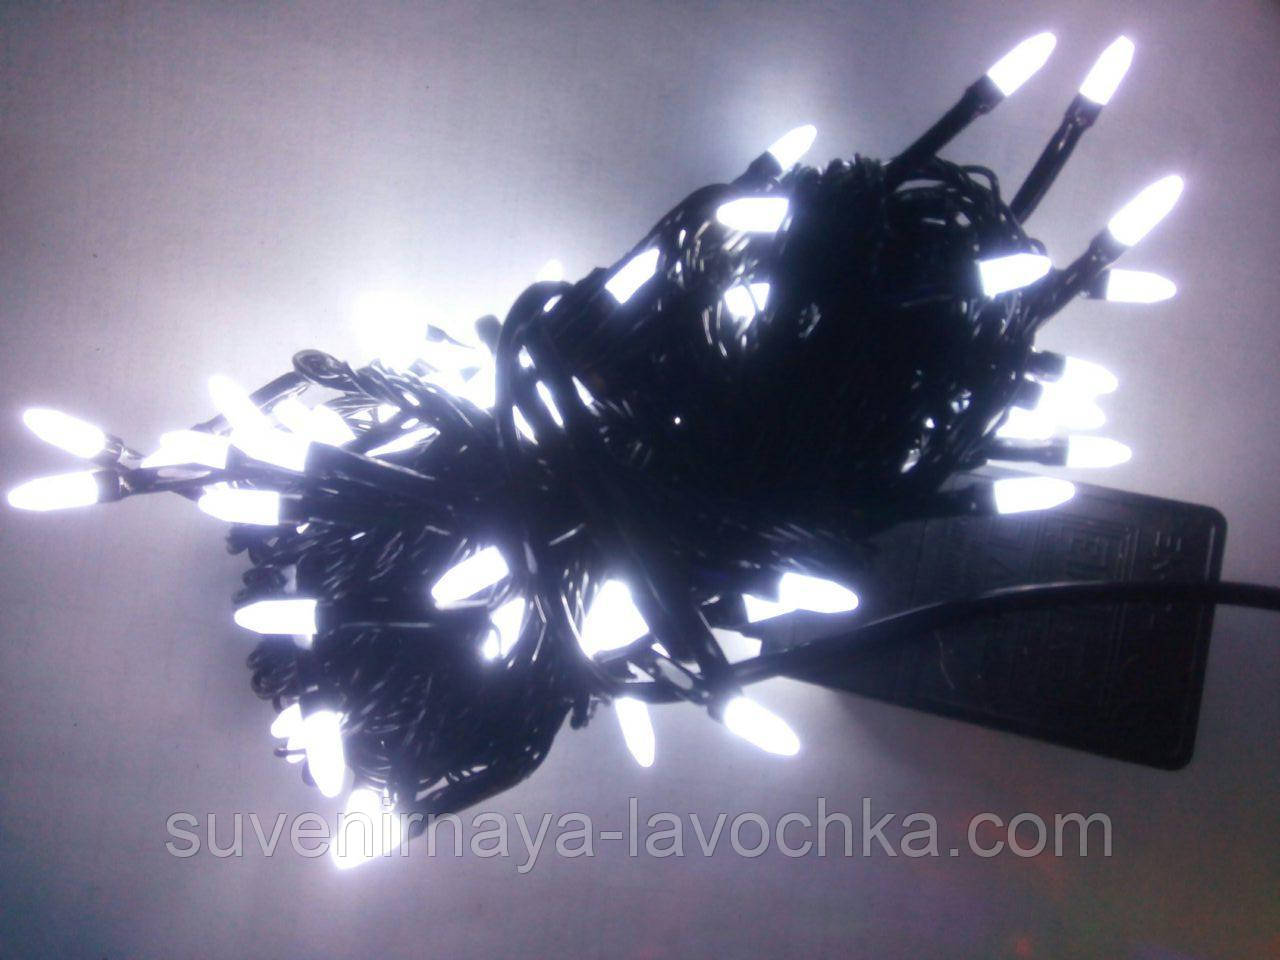 Гирлянда 100 LED ГОЛКА (РИС) на чорному проводі 5mm, білого кольору